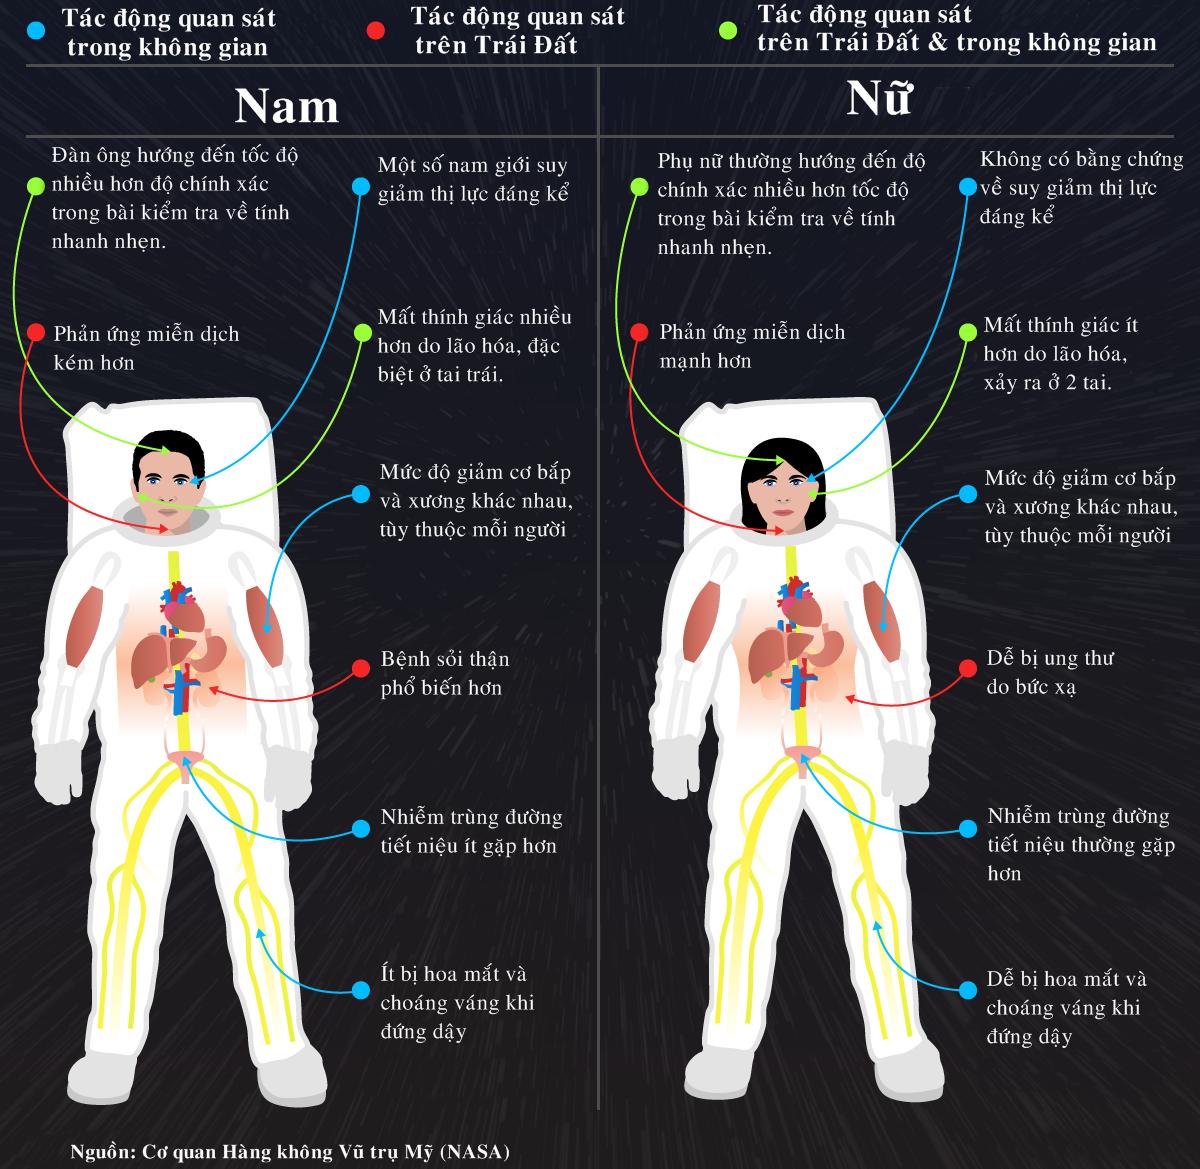 Cơ thể nam và nữ biến đổi thế nào trong không gian